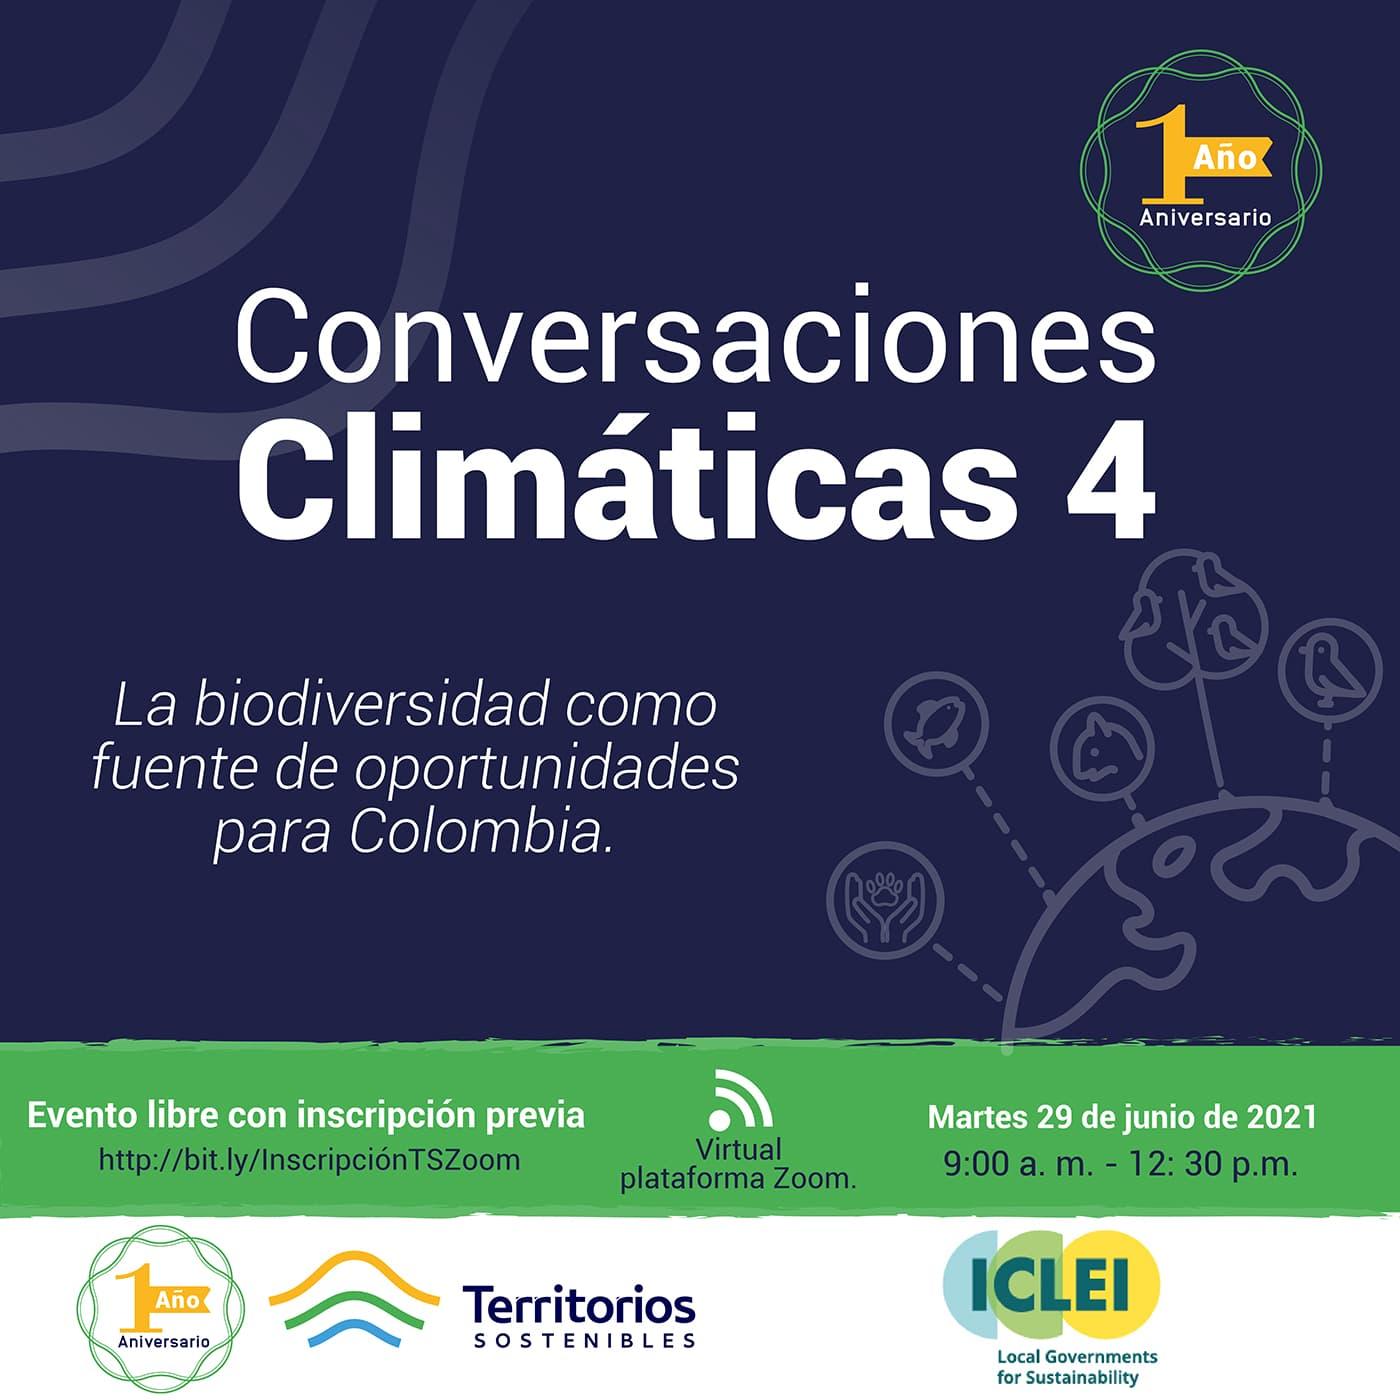 Conversaciones climáticas 4